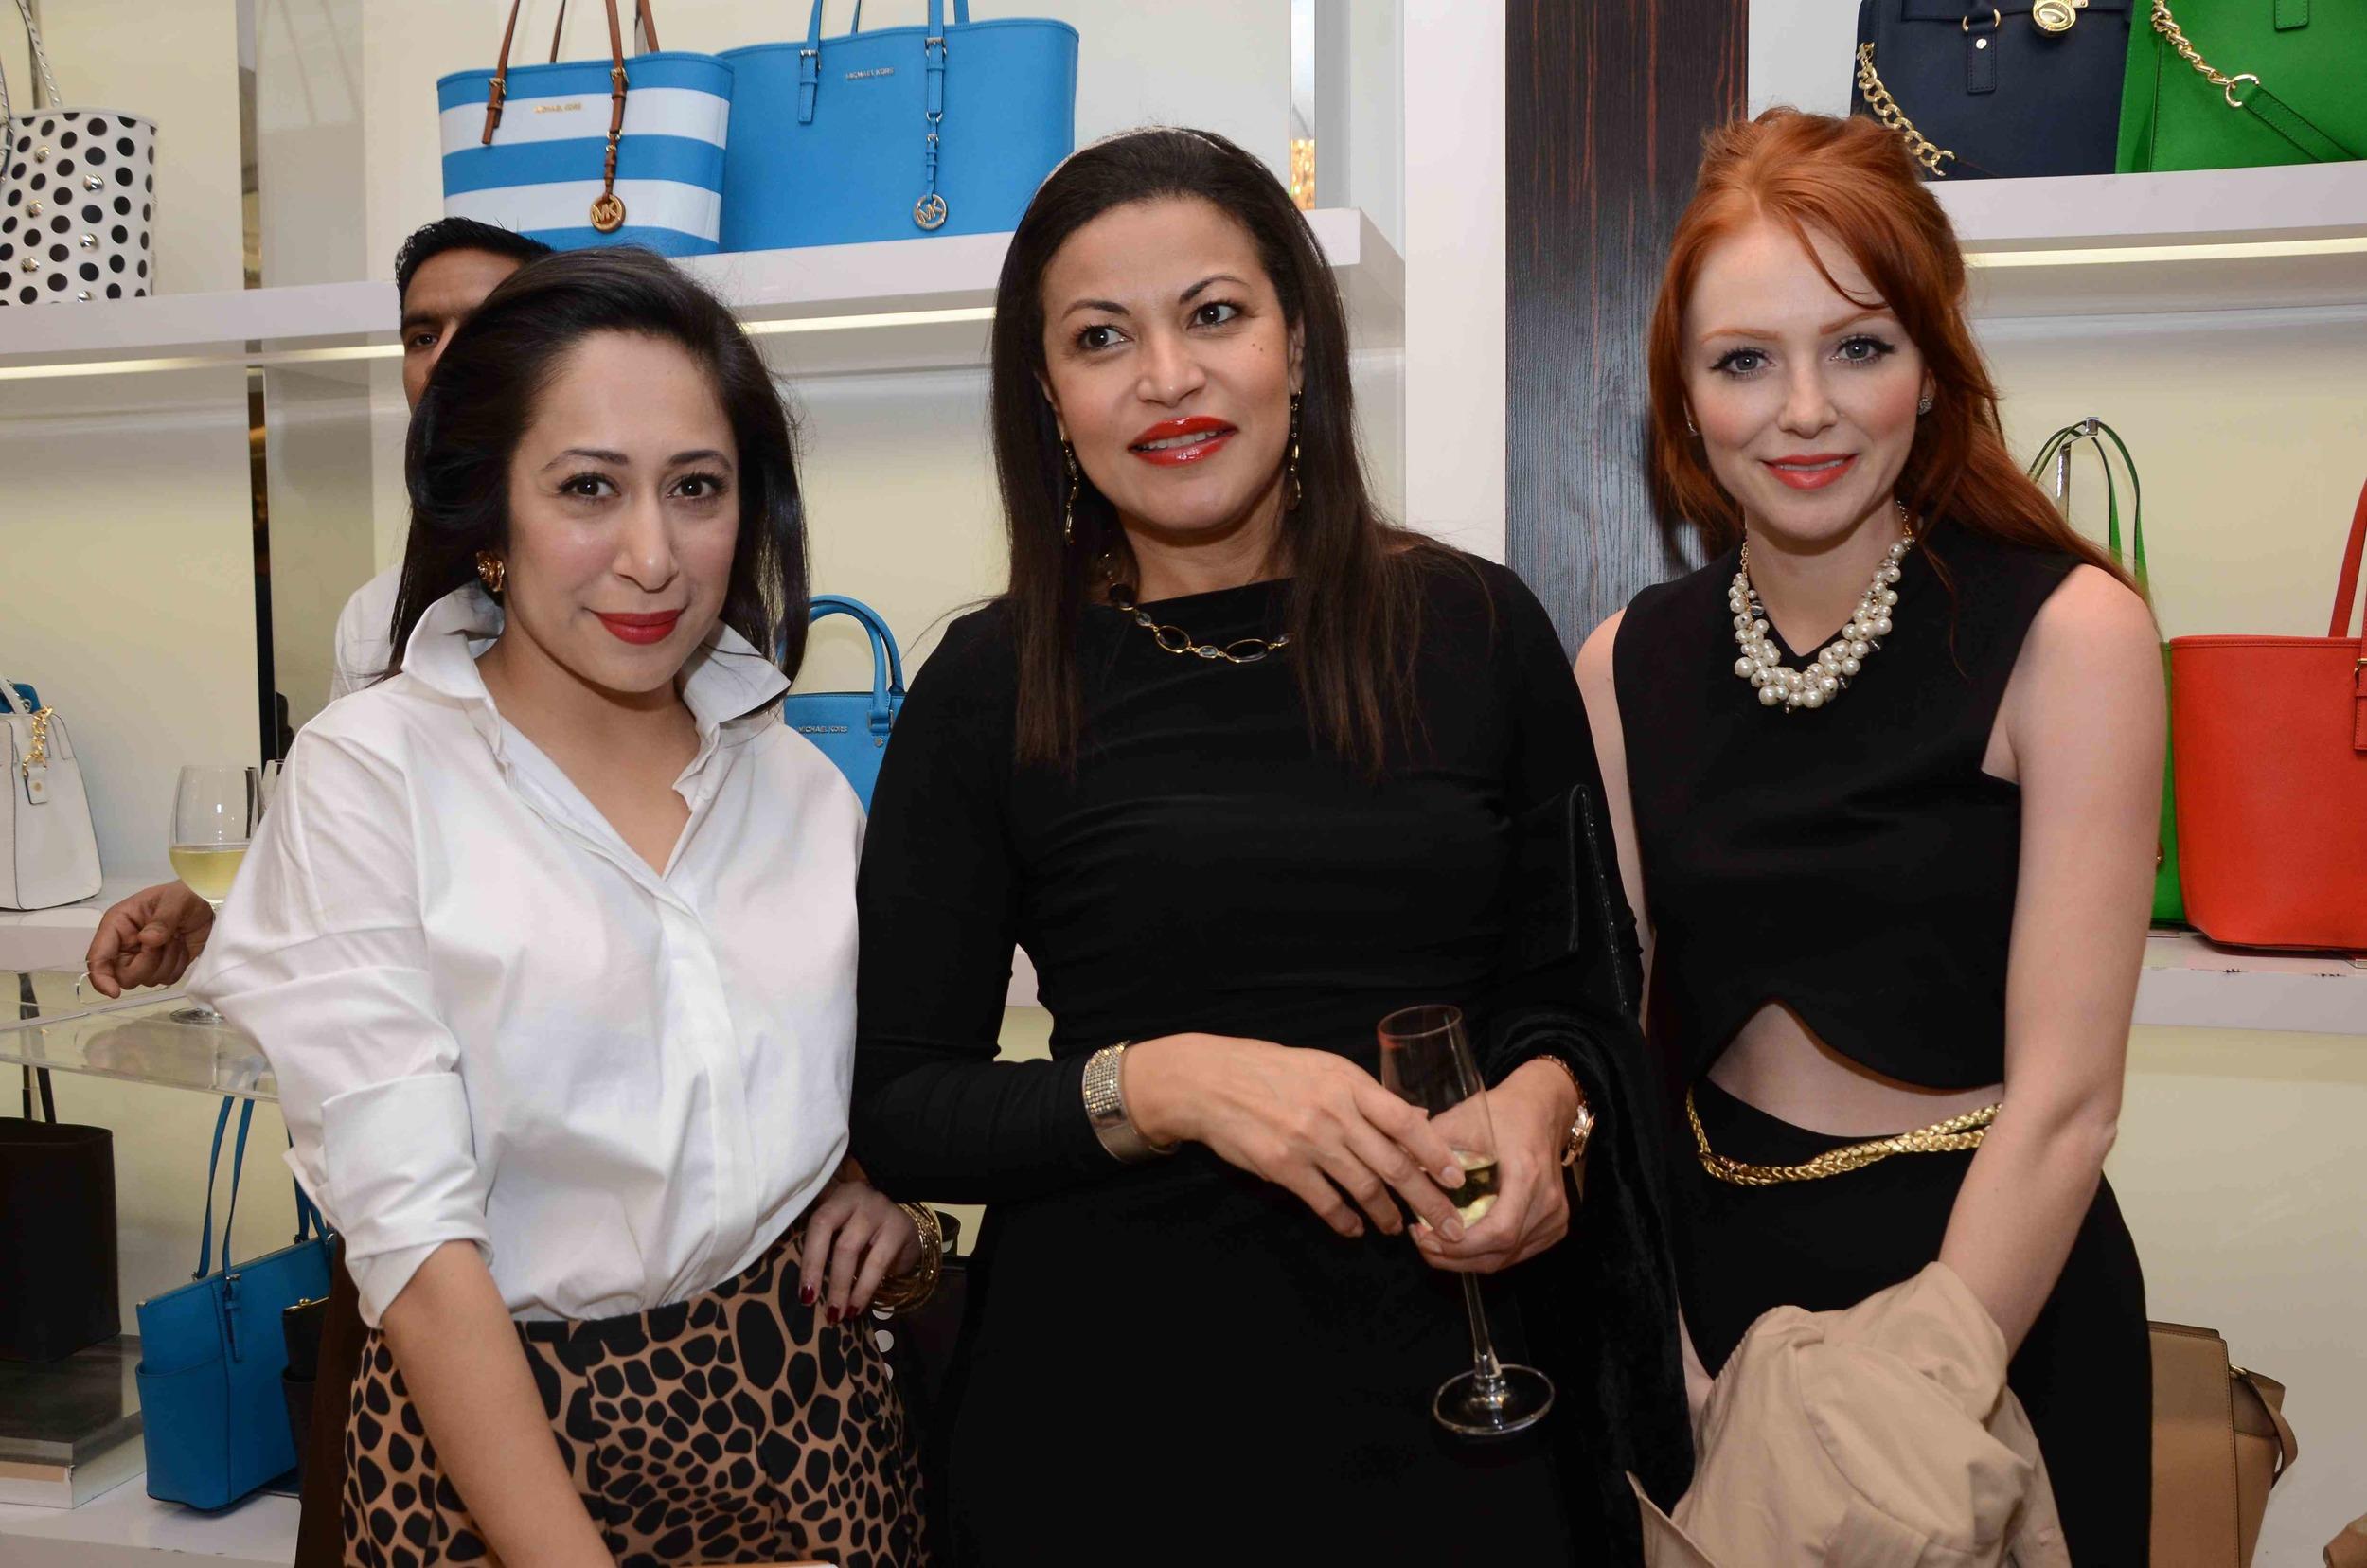 Nandini Bhalla, Thenny Mejia and Brandy Dallas